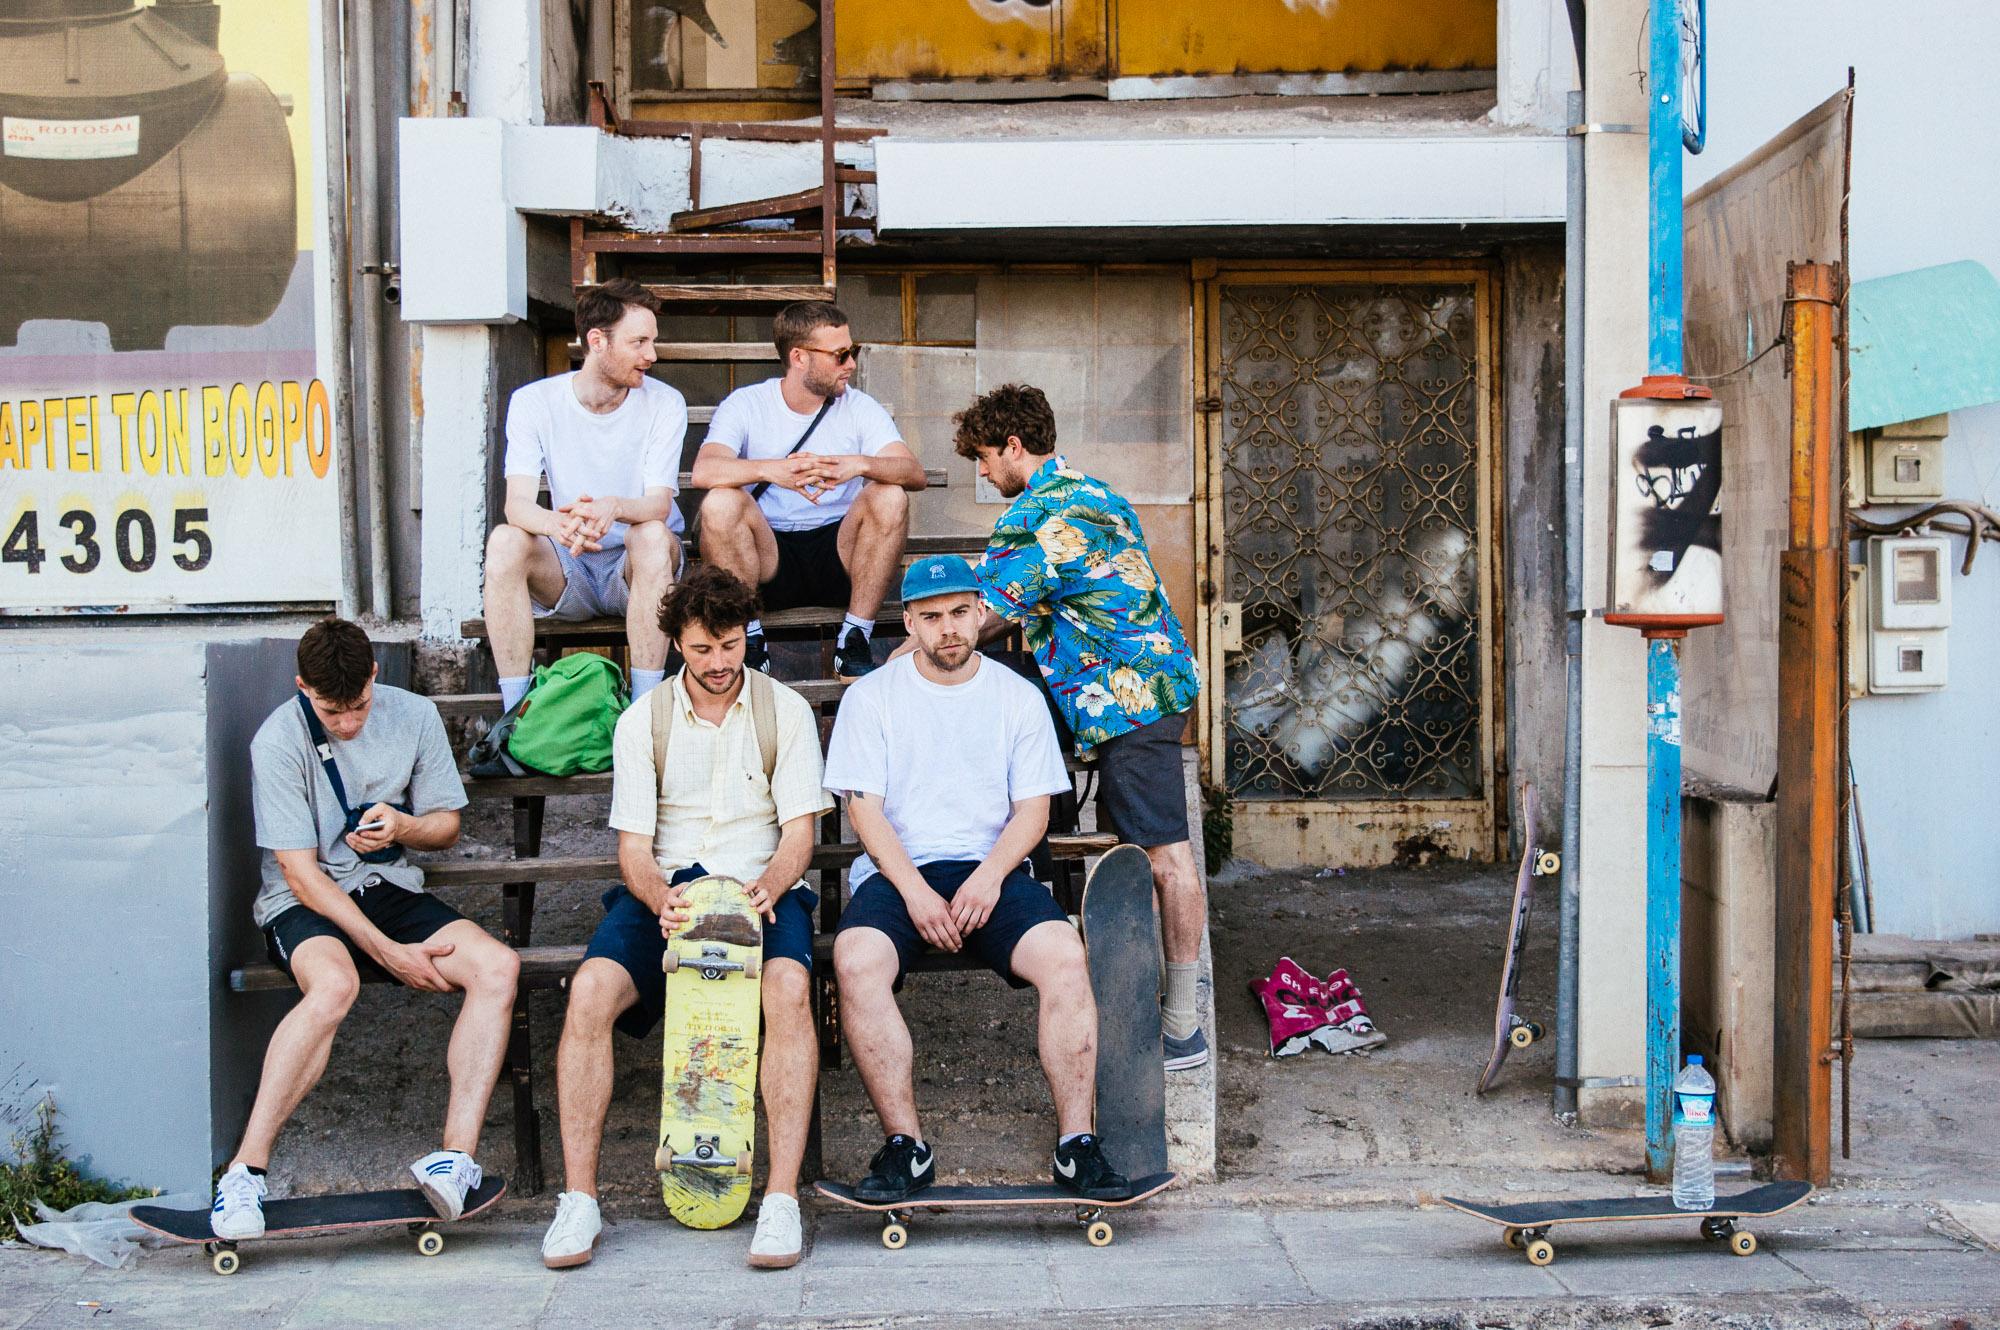 l-r: Chilli Hey, Jamie Walker, Darby Gough, George Gough, Wil Thomson & Matt McDowell